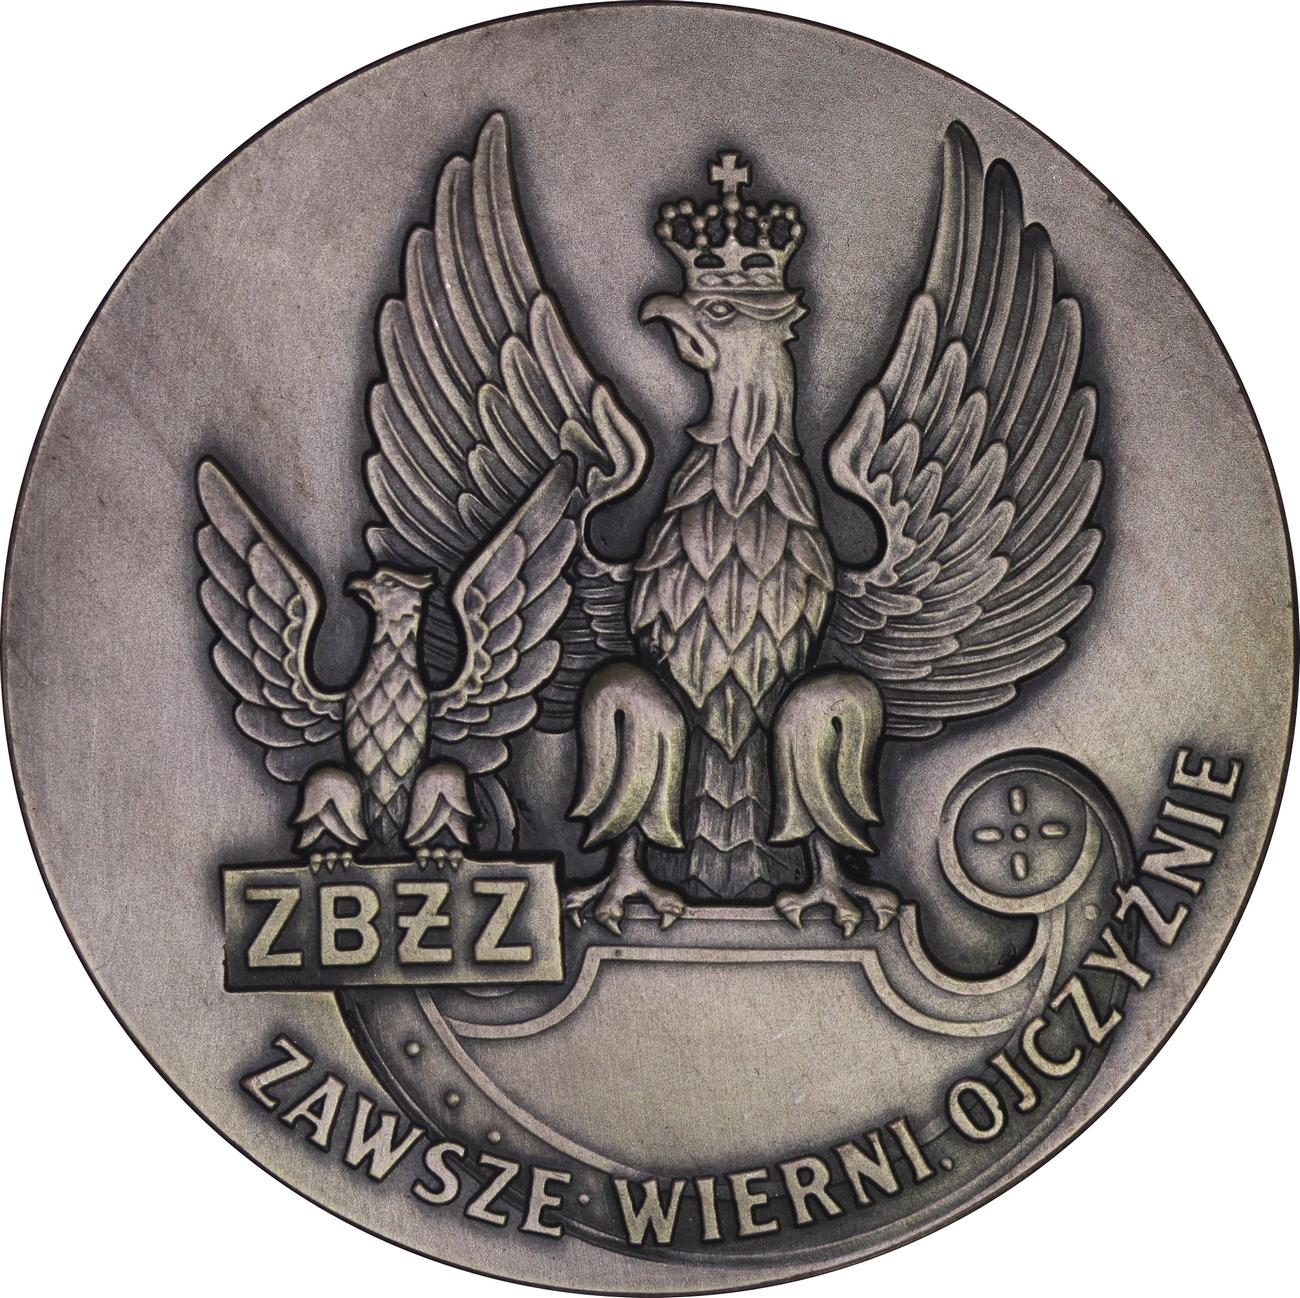 Medal ZBŻZ - Związek Byłych Żołnierzy zawodowych - Zawsze Wierni Ojczyźnie